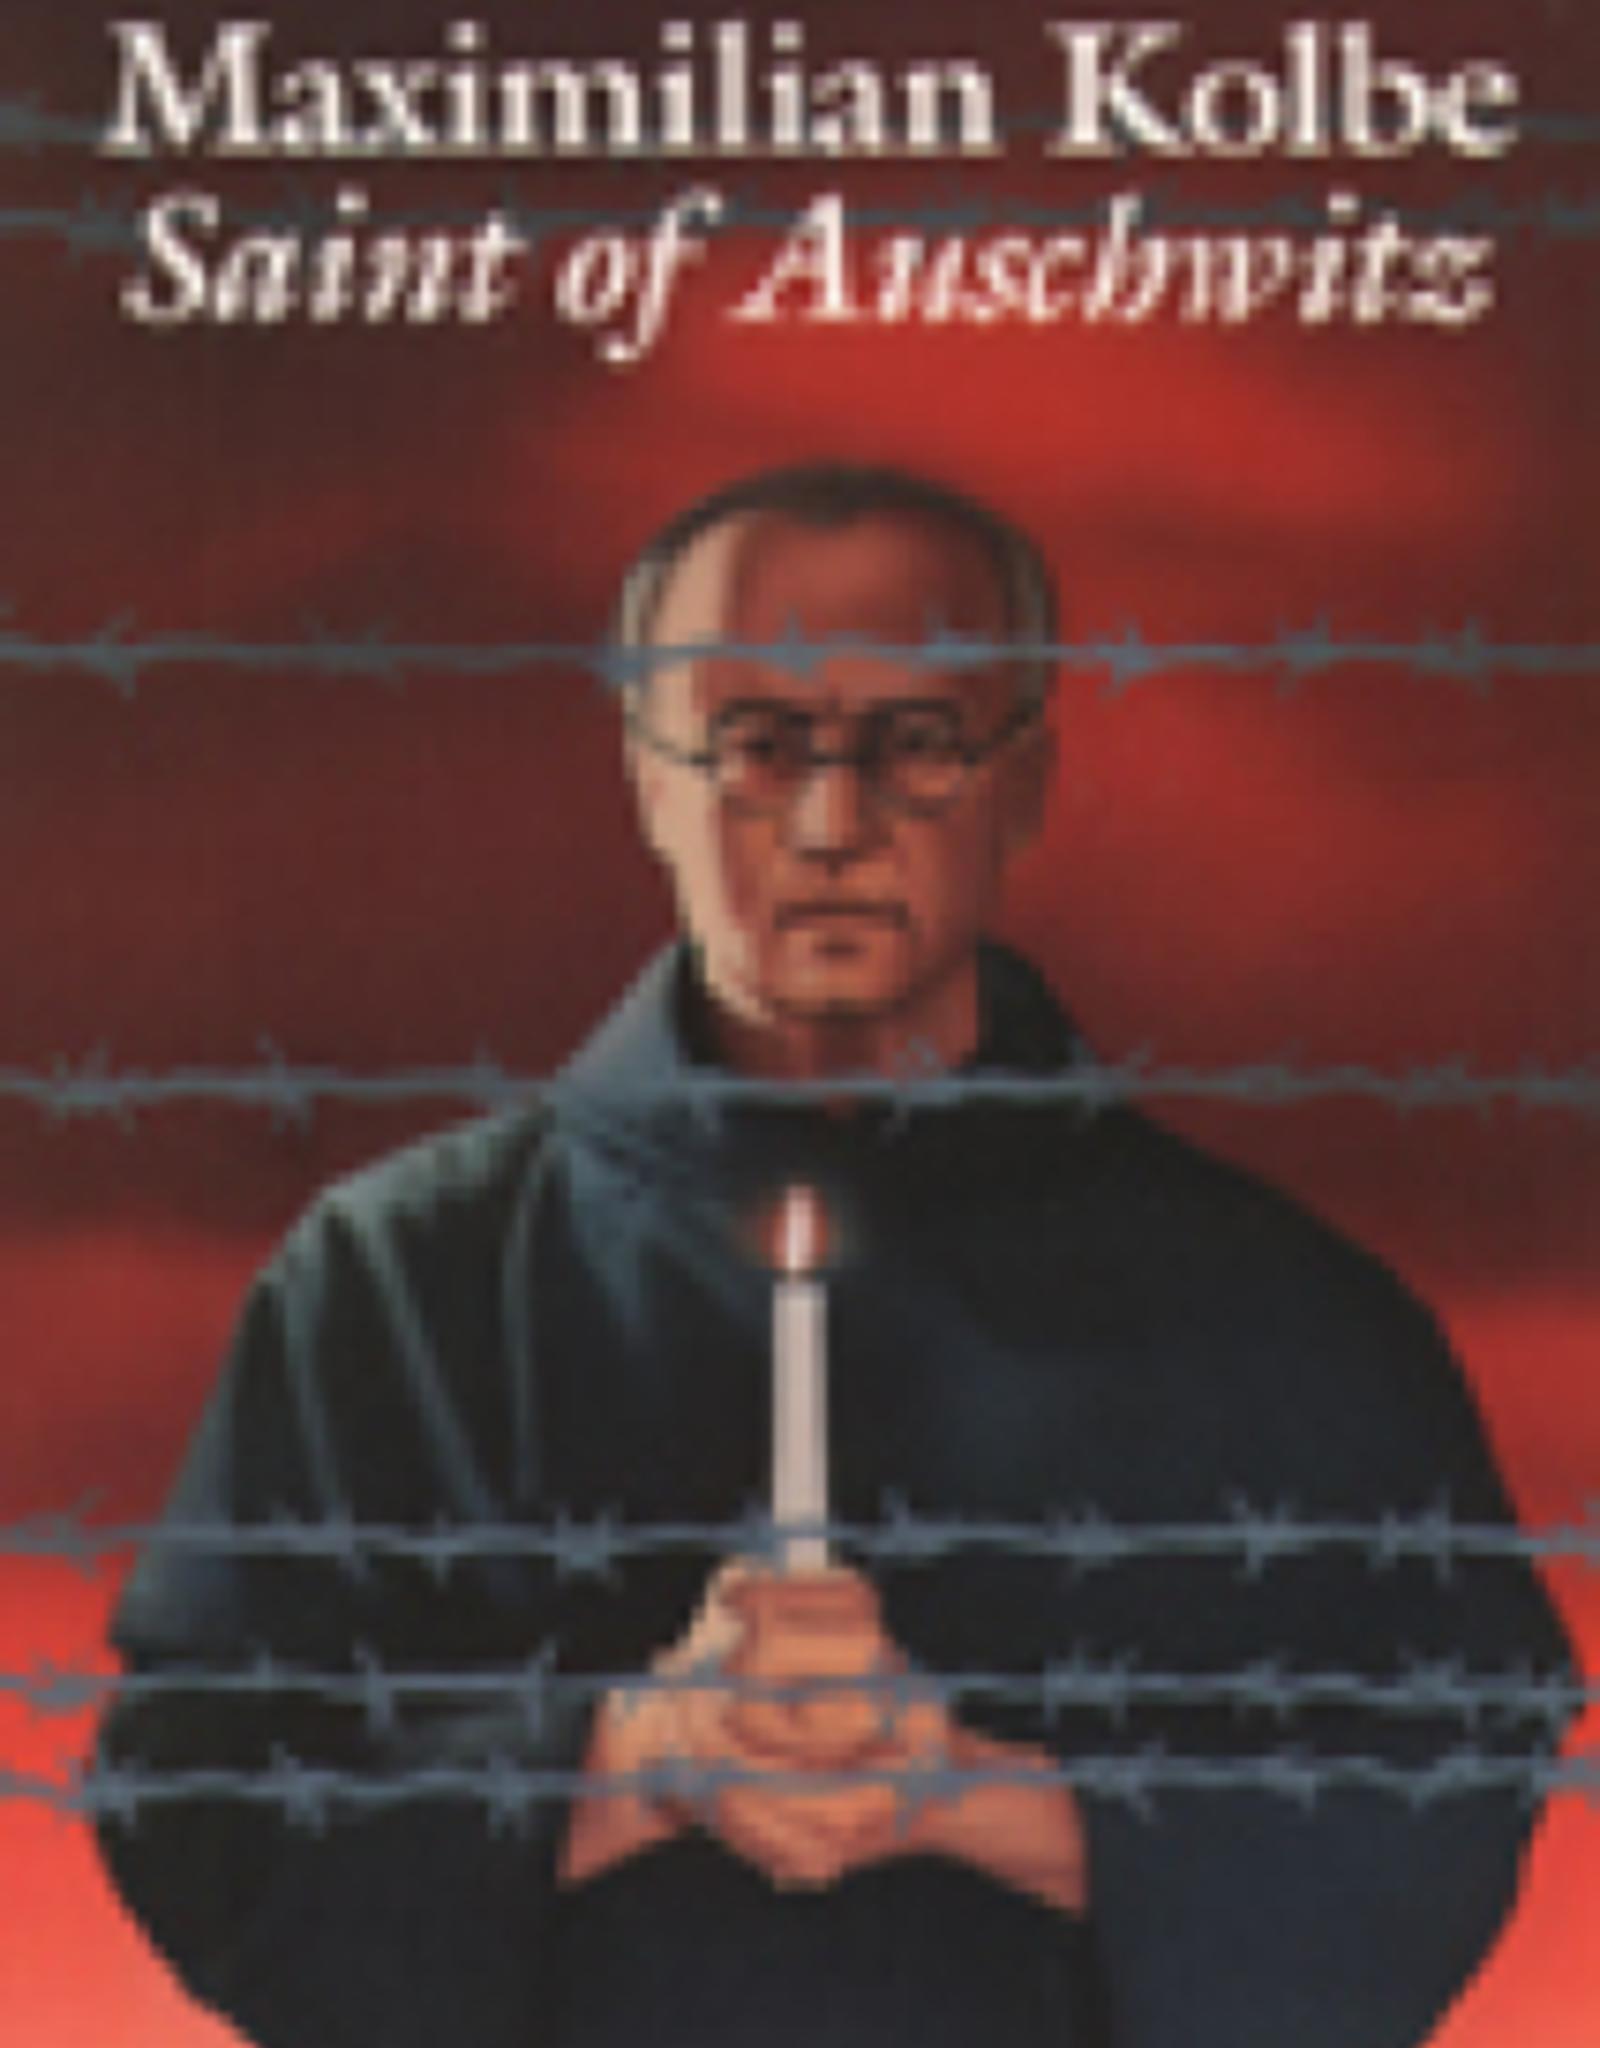 Paulist Press Maxamilian Kolbe:  Saint of Auschwitz, by Elaine Murray Stone (paperback)